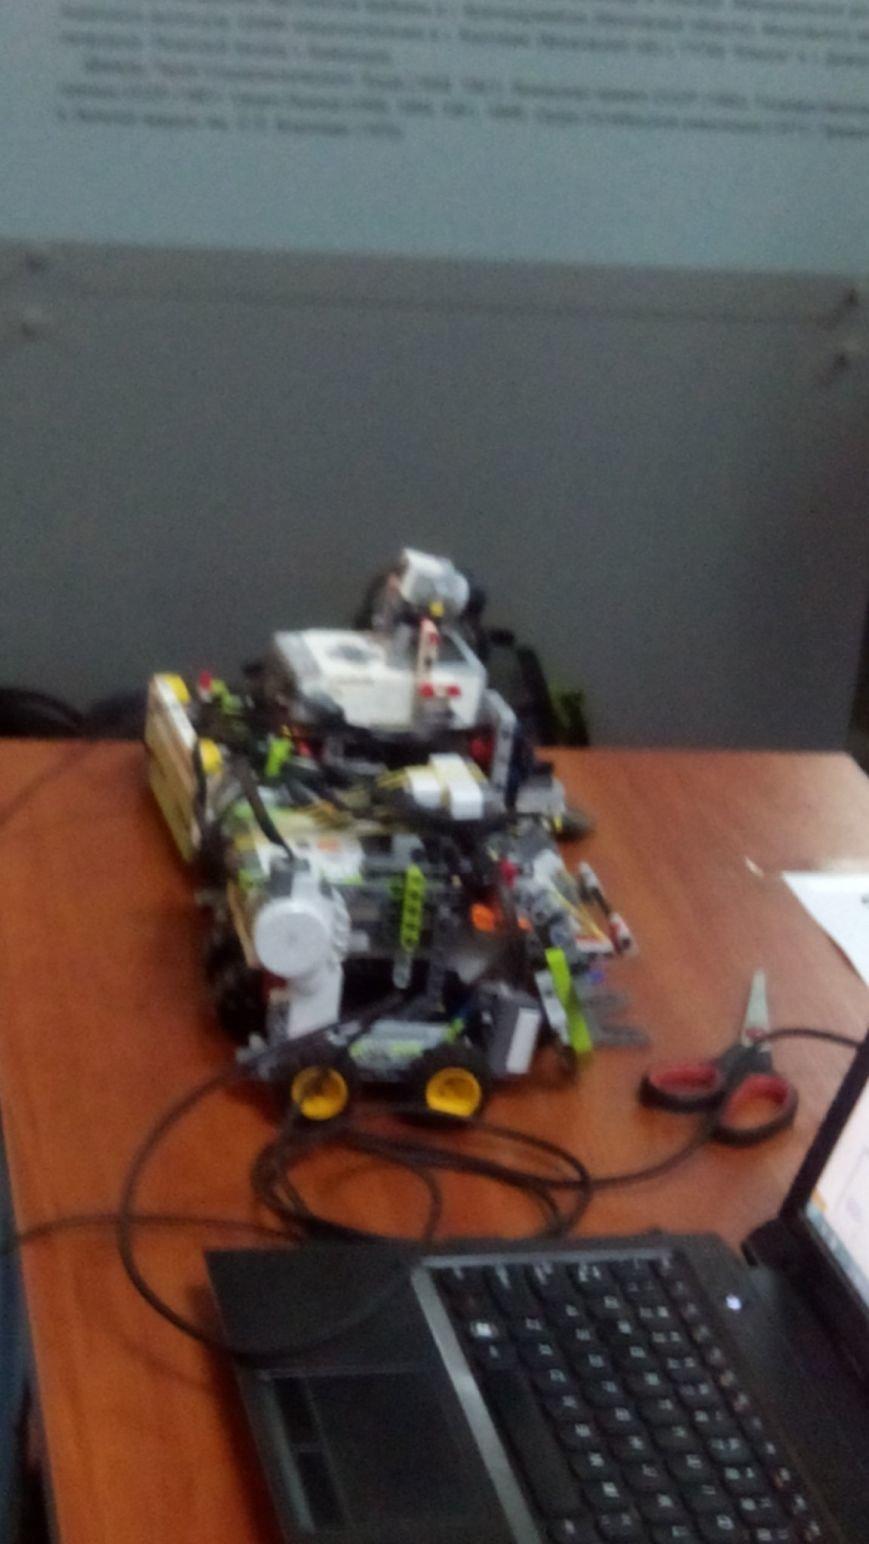 В Днепропетровске произошло нашествие роботов (ФОТО) (фото) - фото 3